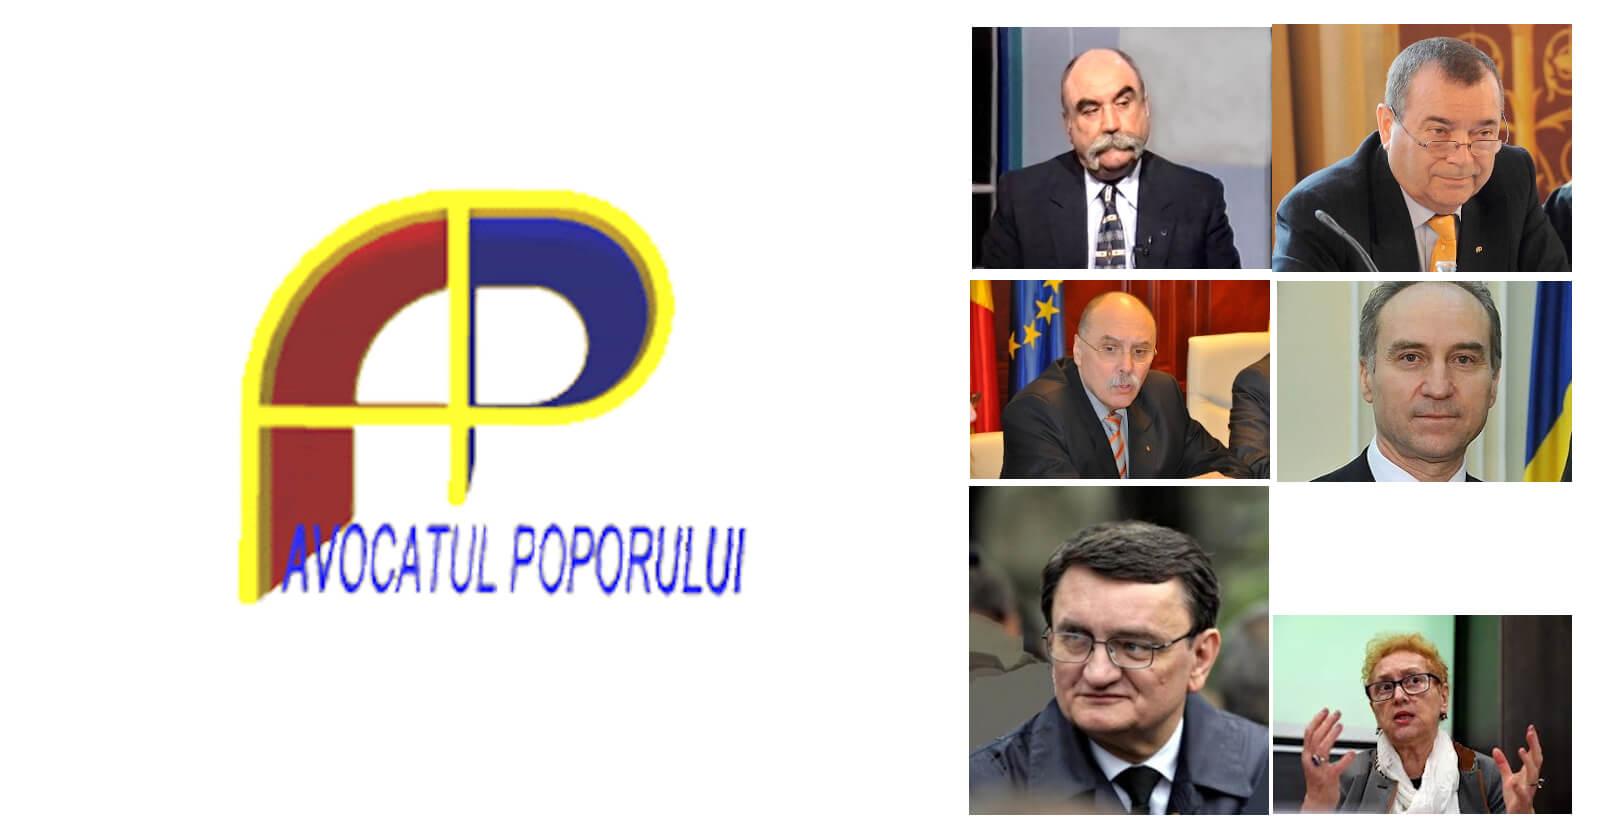 https://ziarul.romania-rationala.ro/control/articole/articole/avocatul-poporului-istorie-1997-2020.jpg